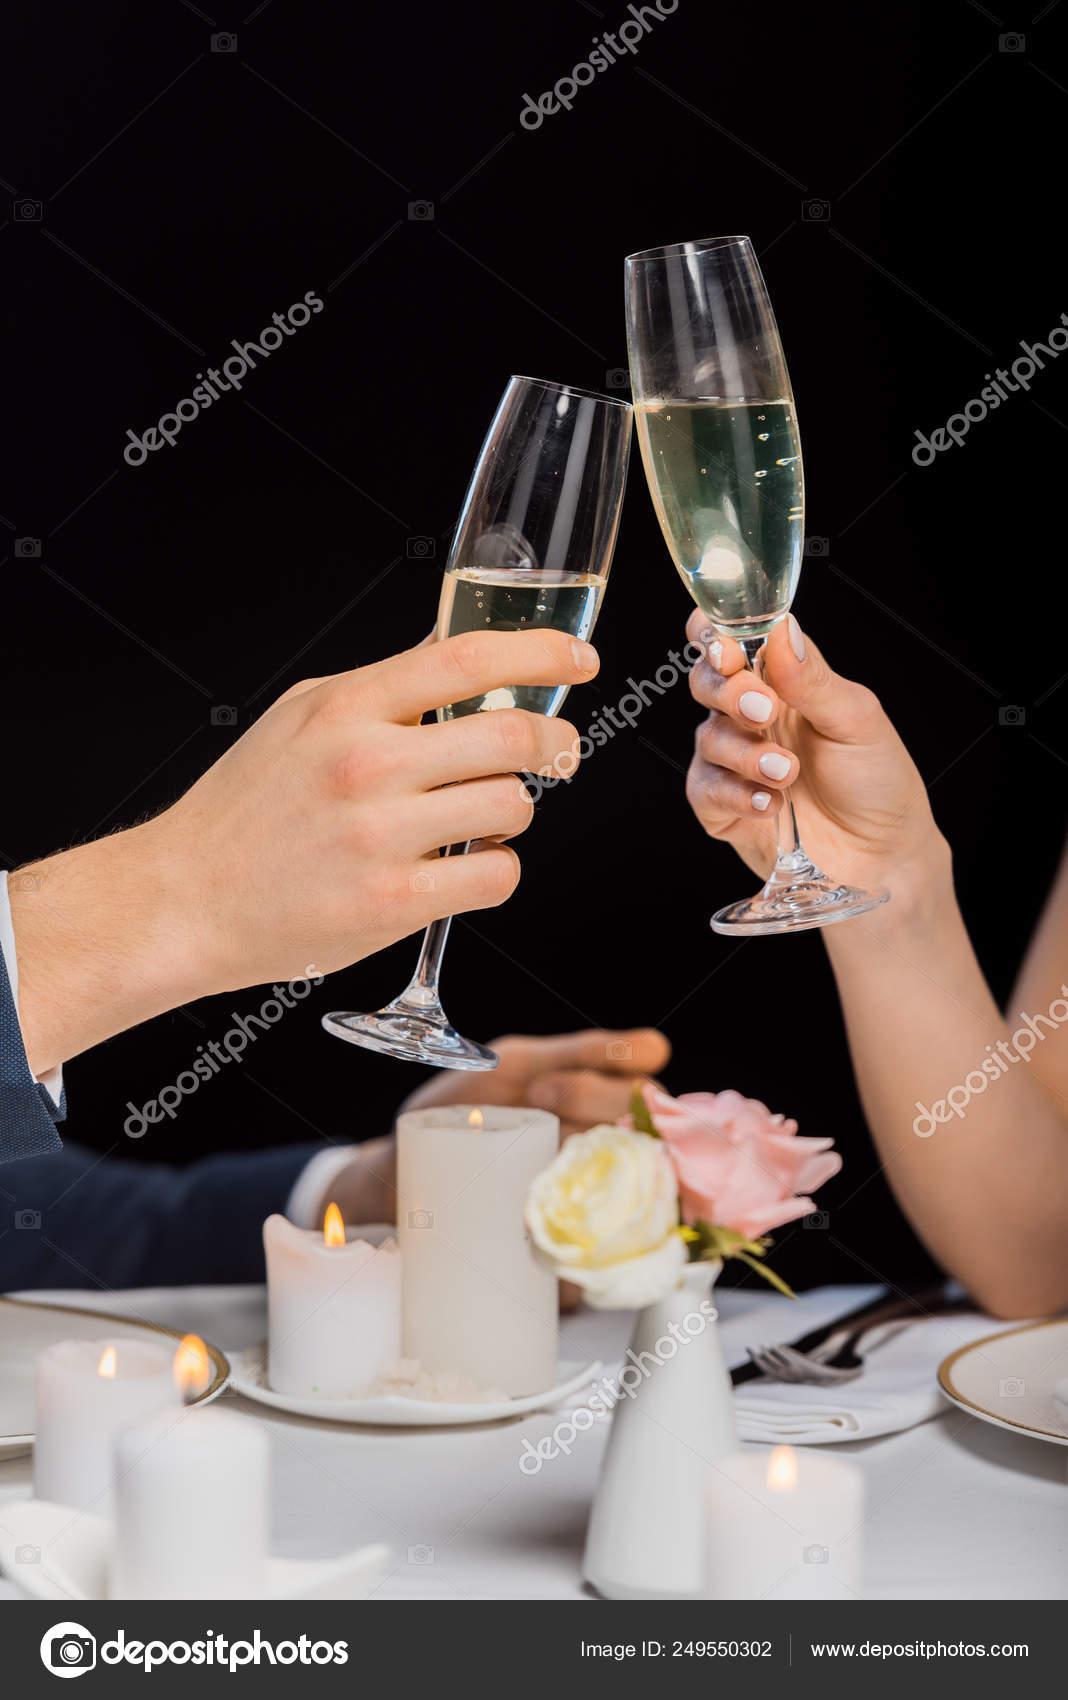 металлов как держать бокал с шампанским фото свою модельную карьеру